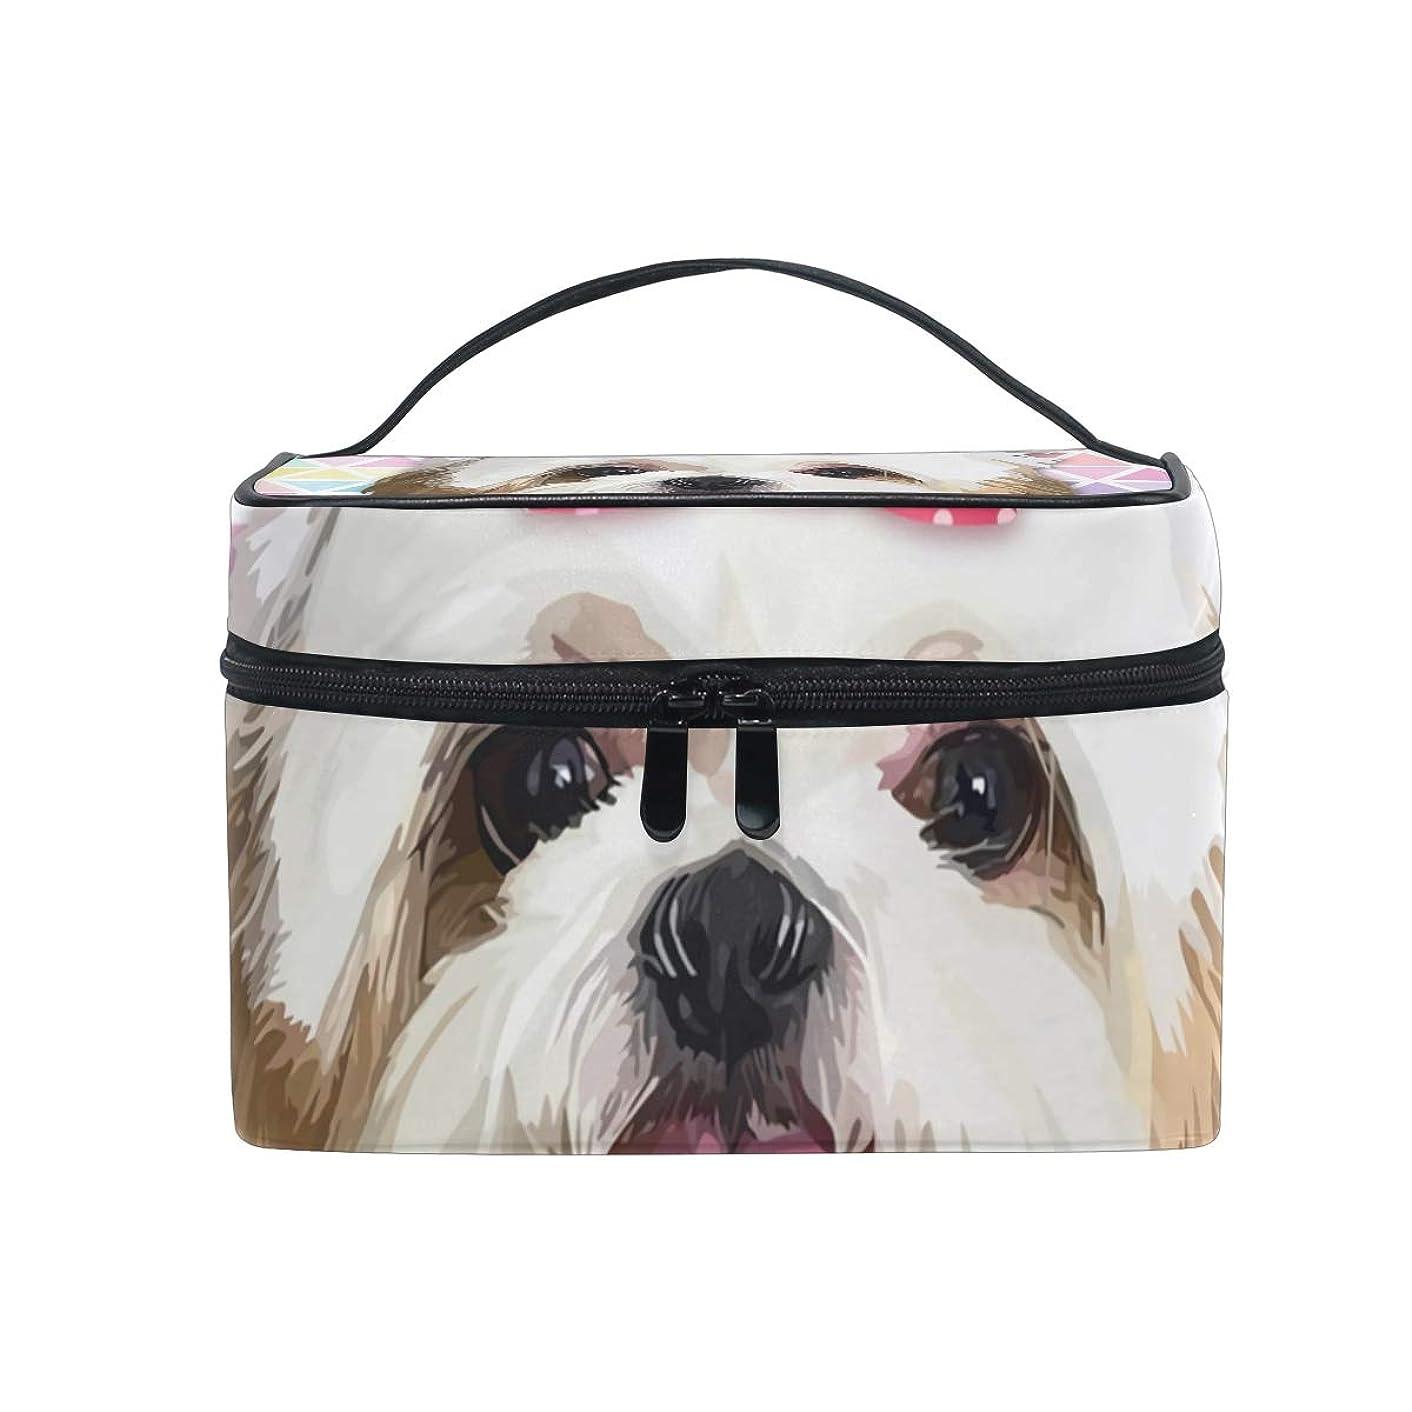 温帯具体的に意識的メイクボックス シチュー犬ペット柄 化粧ポーチ 化粧品 化粧道具 小物入れ メイクブラシバッグ 大容量 旅行用 収納ケース